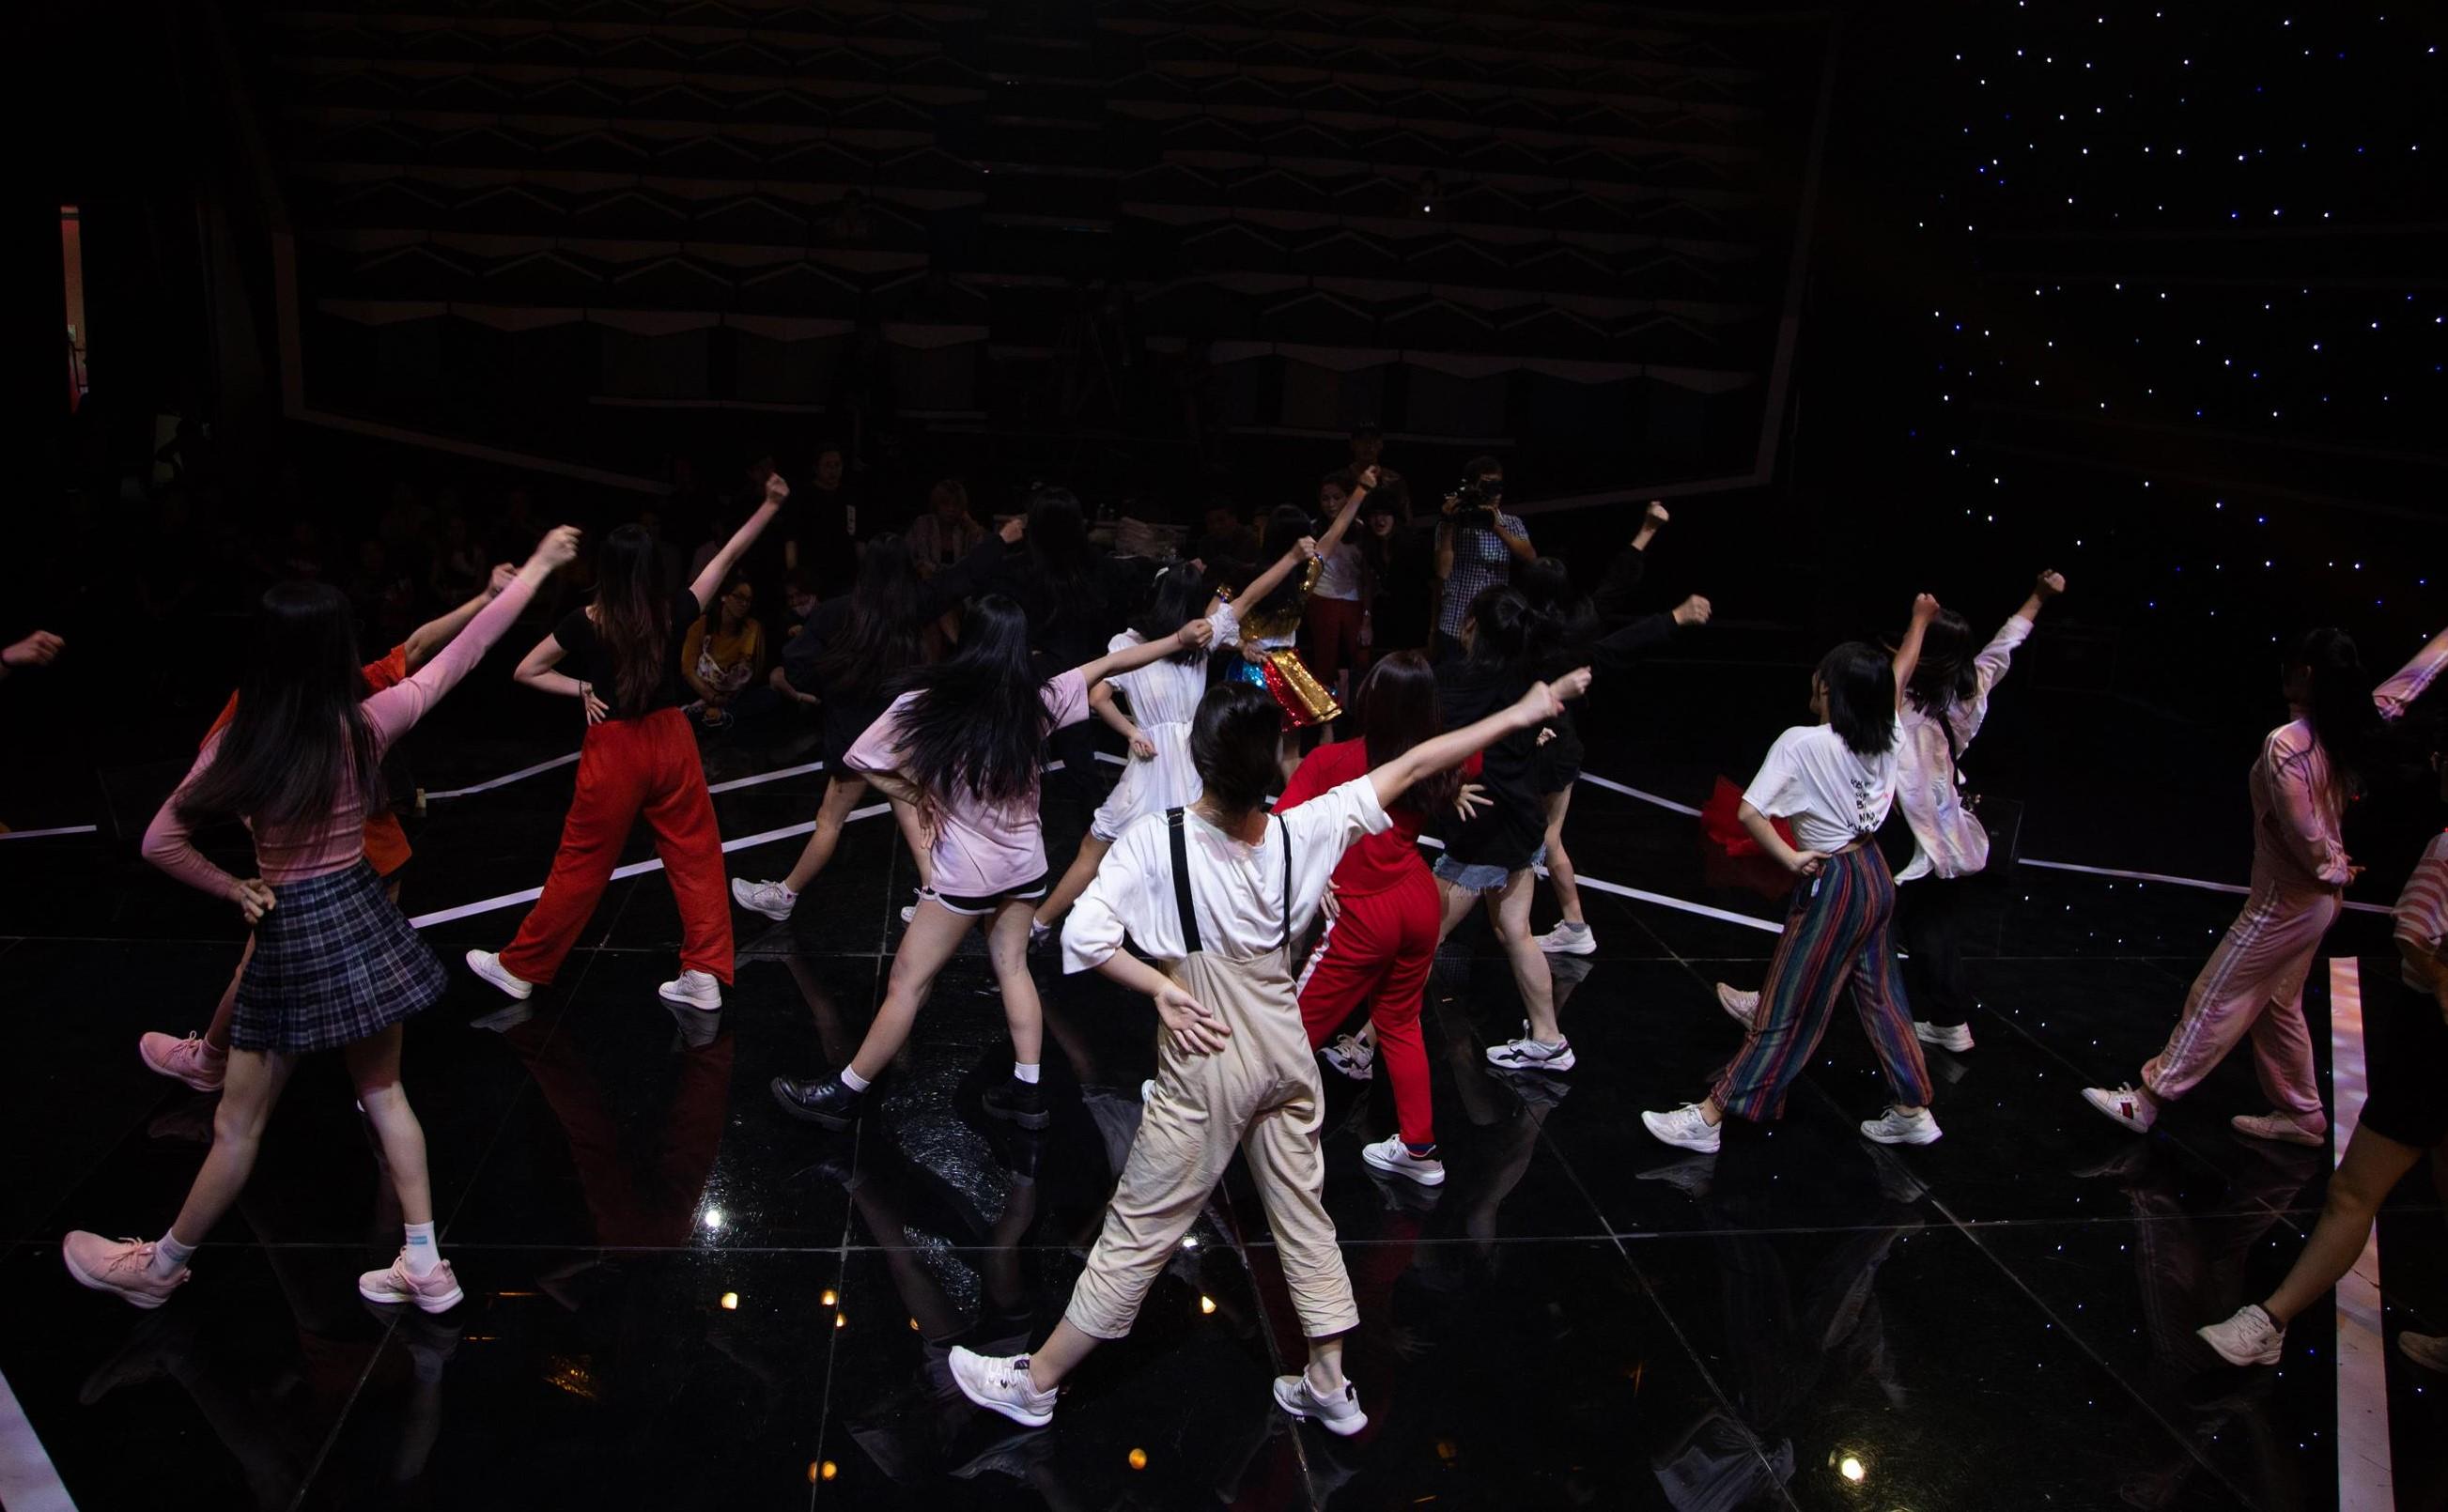 Mini show SGO48 hạng vé đặc biệt lên tới 8 triệu, vừa mở bán đã hết trong 5 phút